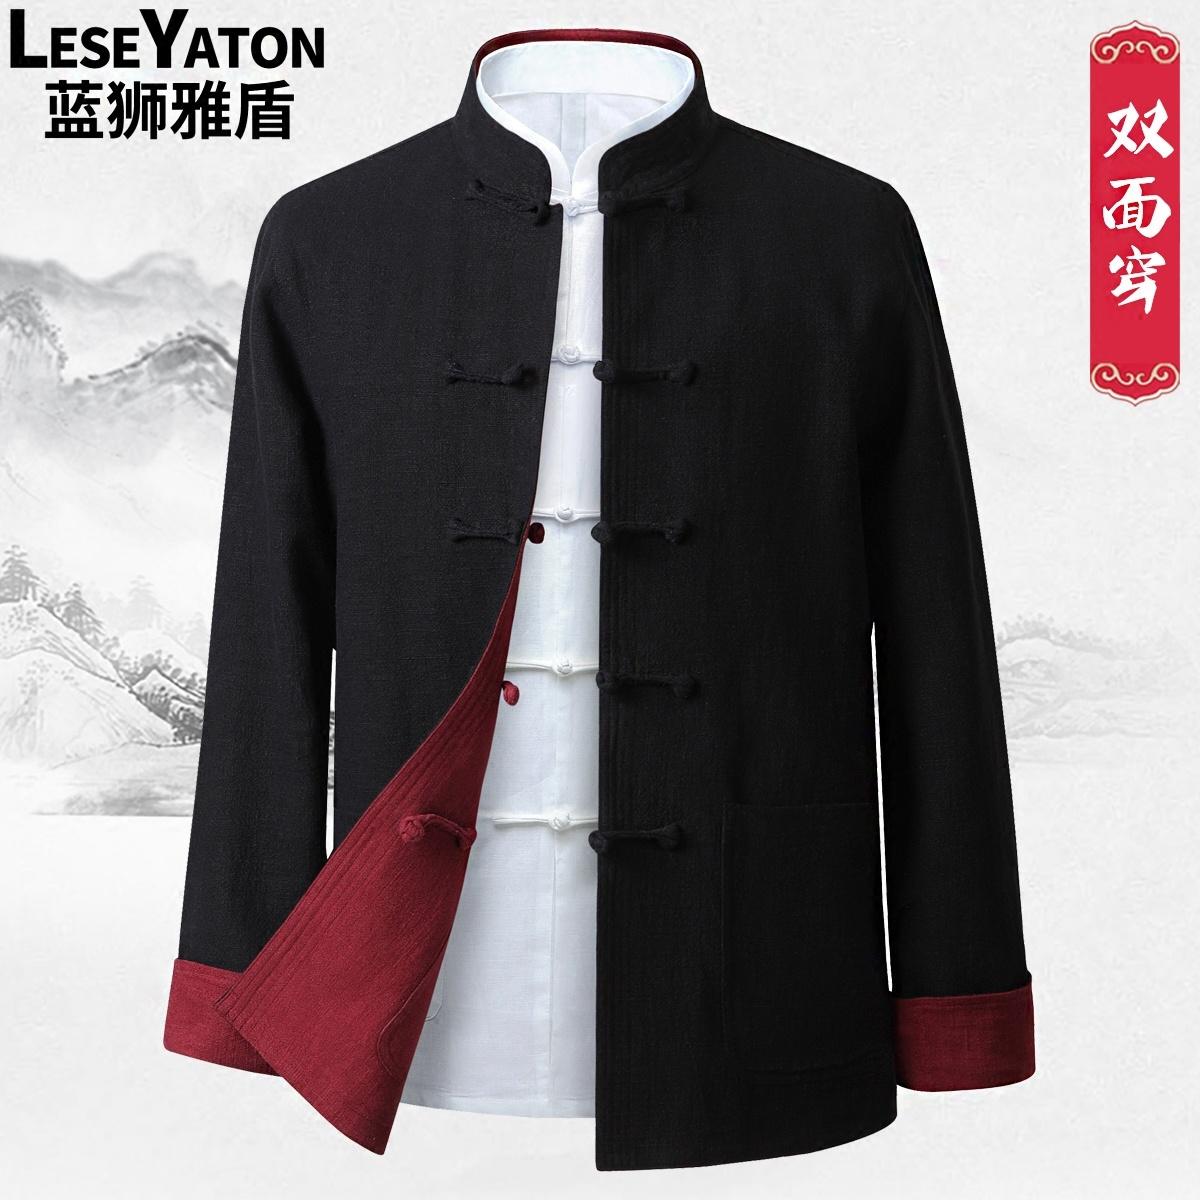 中国风唐装男亚麻外套中年中式汉服套装中老年人居士服春秋爸爸装